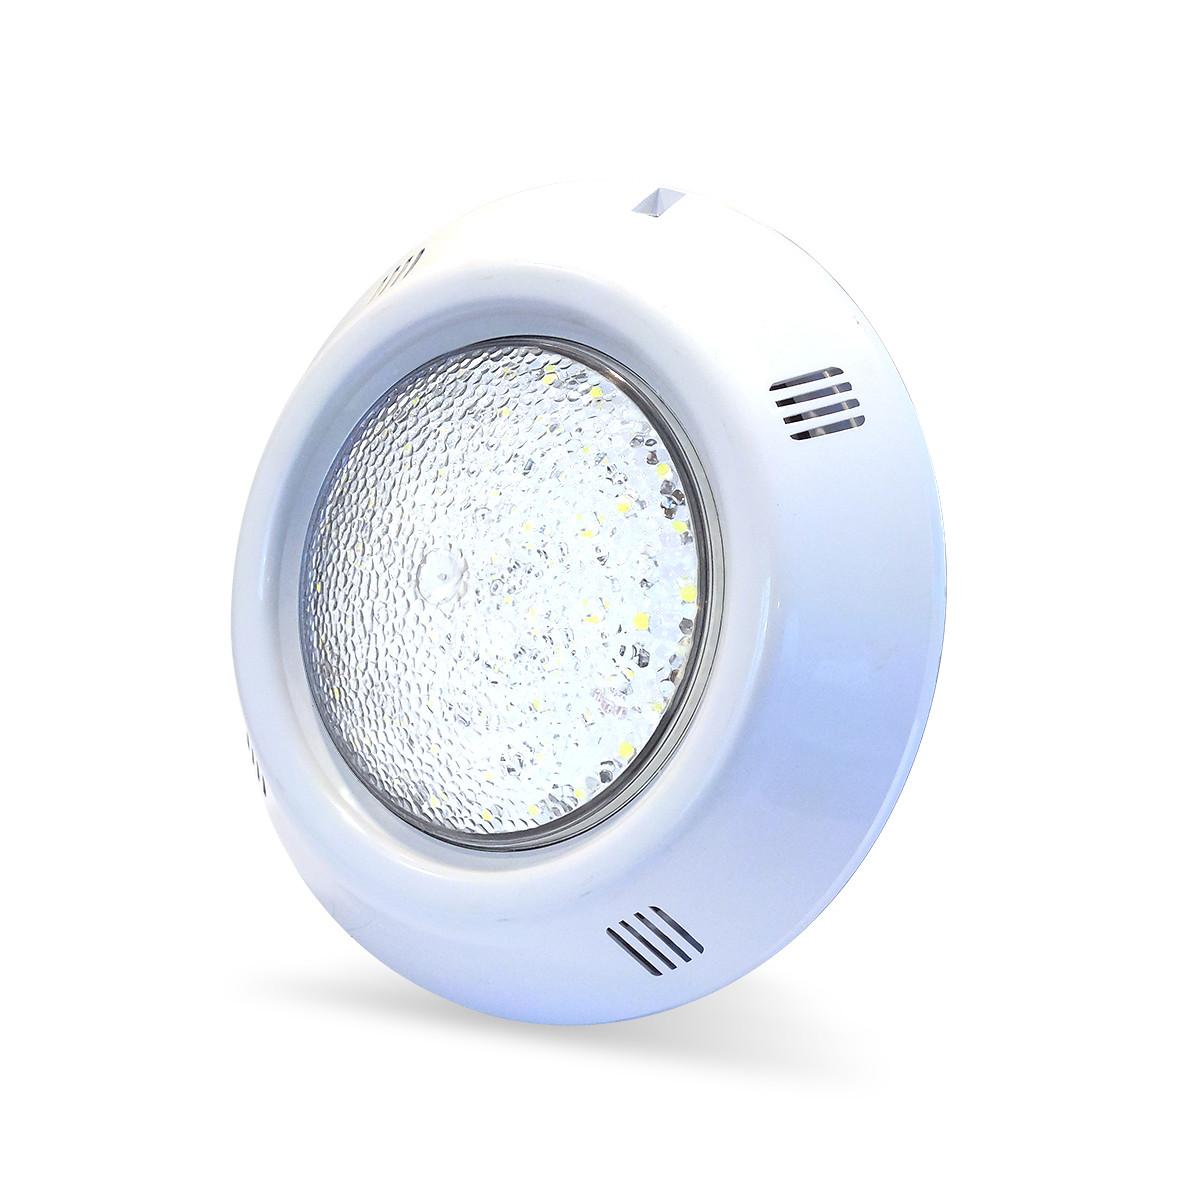 Luminaria subacuática LED RGB 66 Iluminación LED Iluminación Piscinas